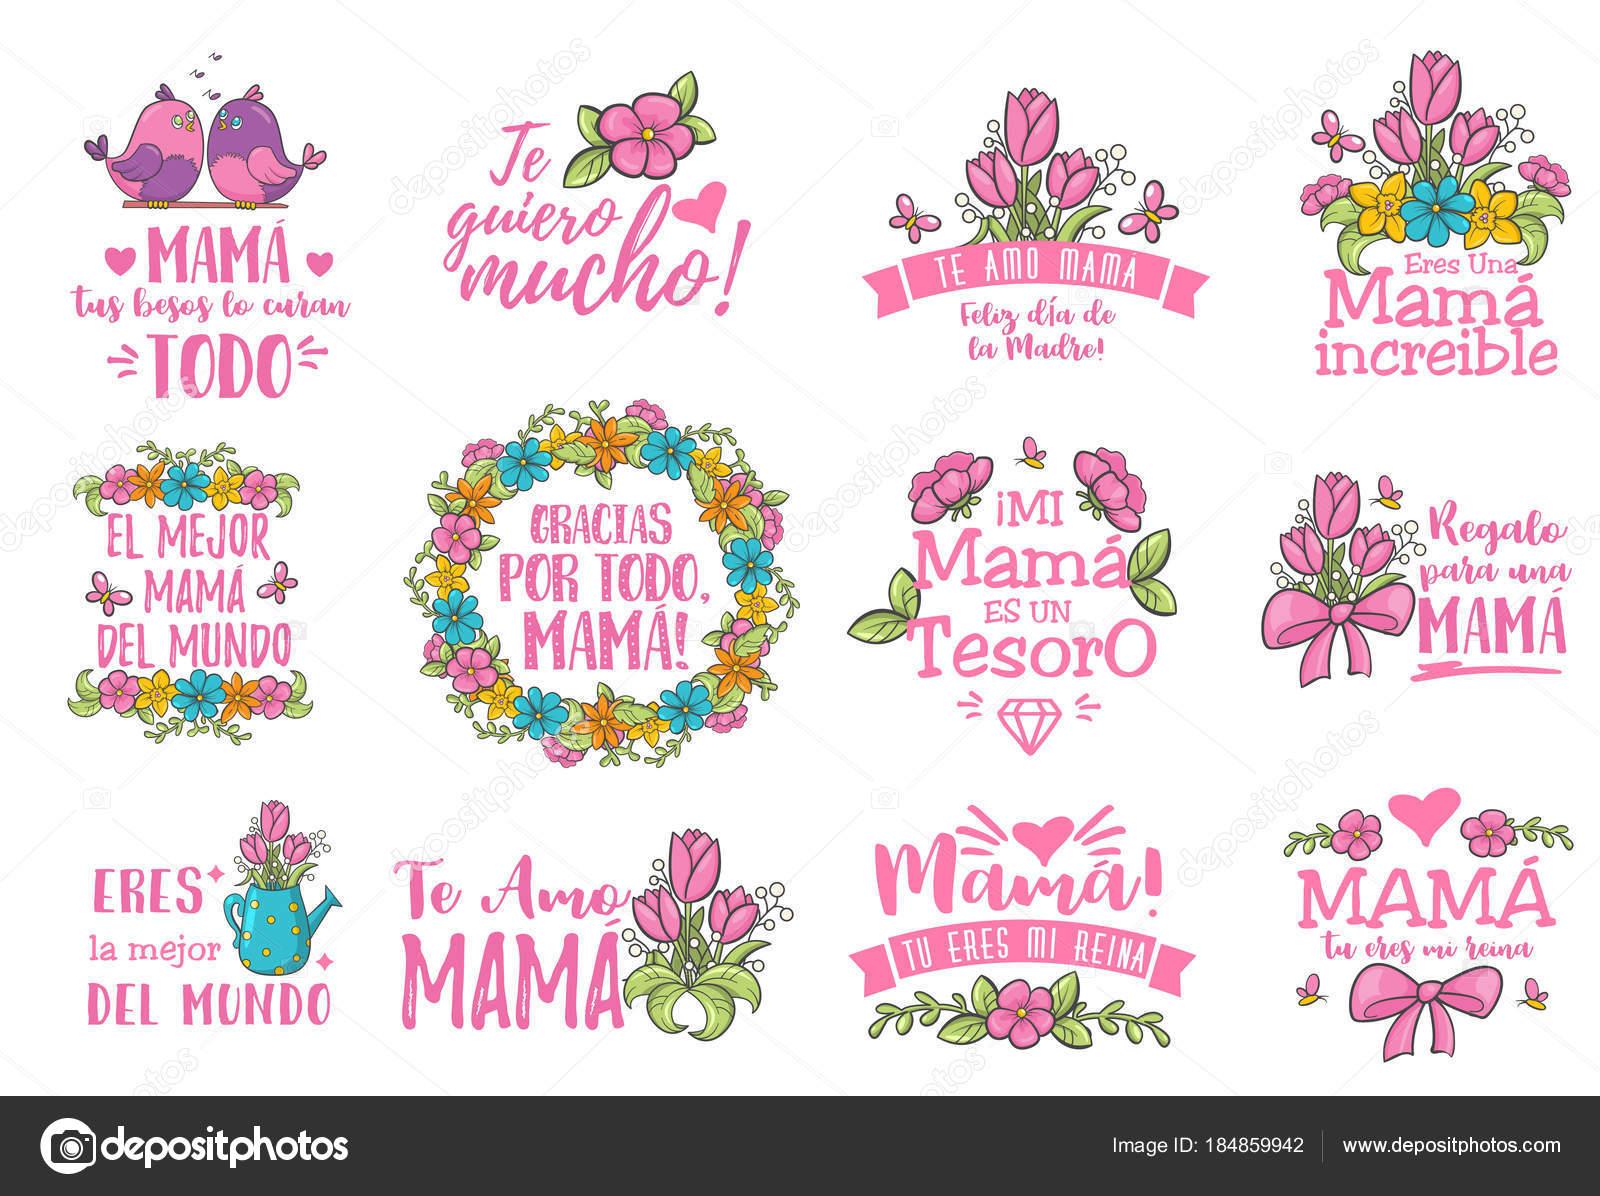 809145064f6c1 Saudação de dia de mãe espanhola. Mensagem de floral doce com desejos de  felizes e dia mamãe obrigado, cartão para expressar gratidão, amor e  reverência de ...